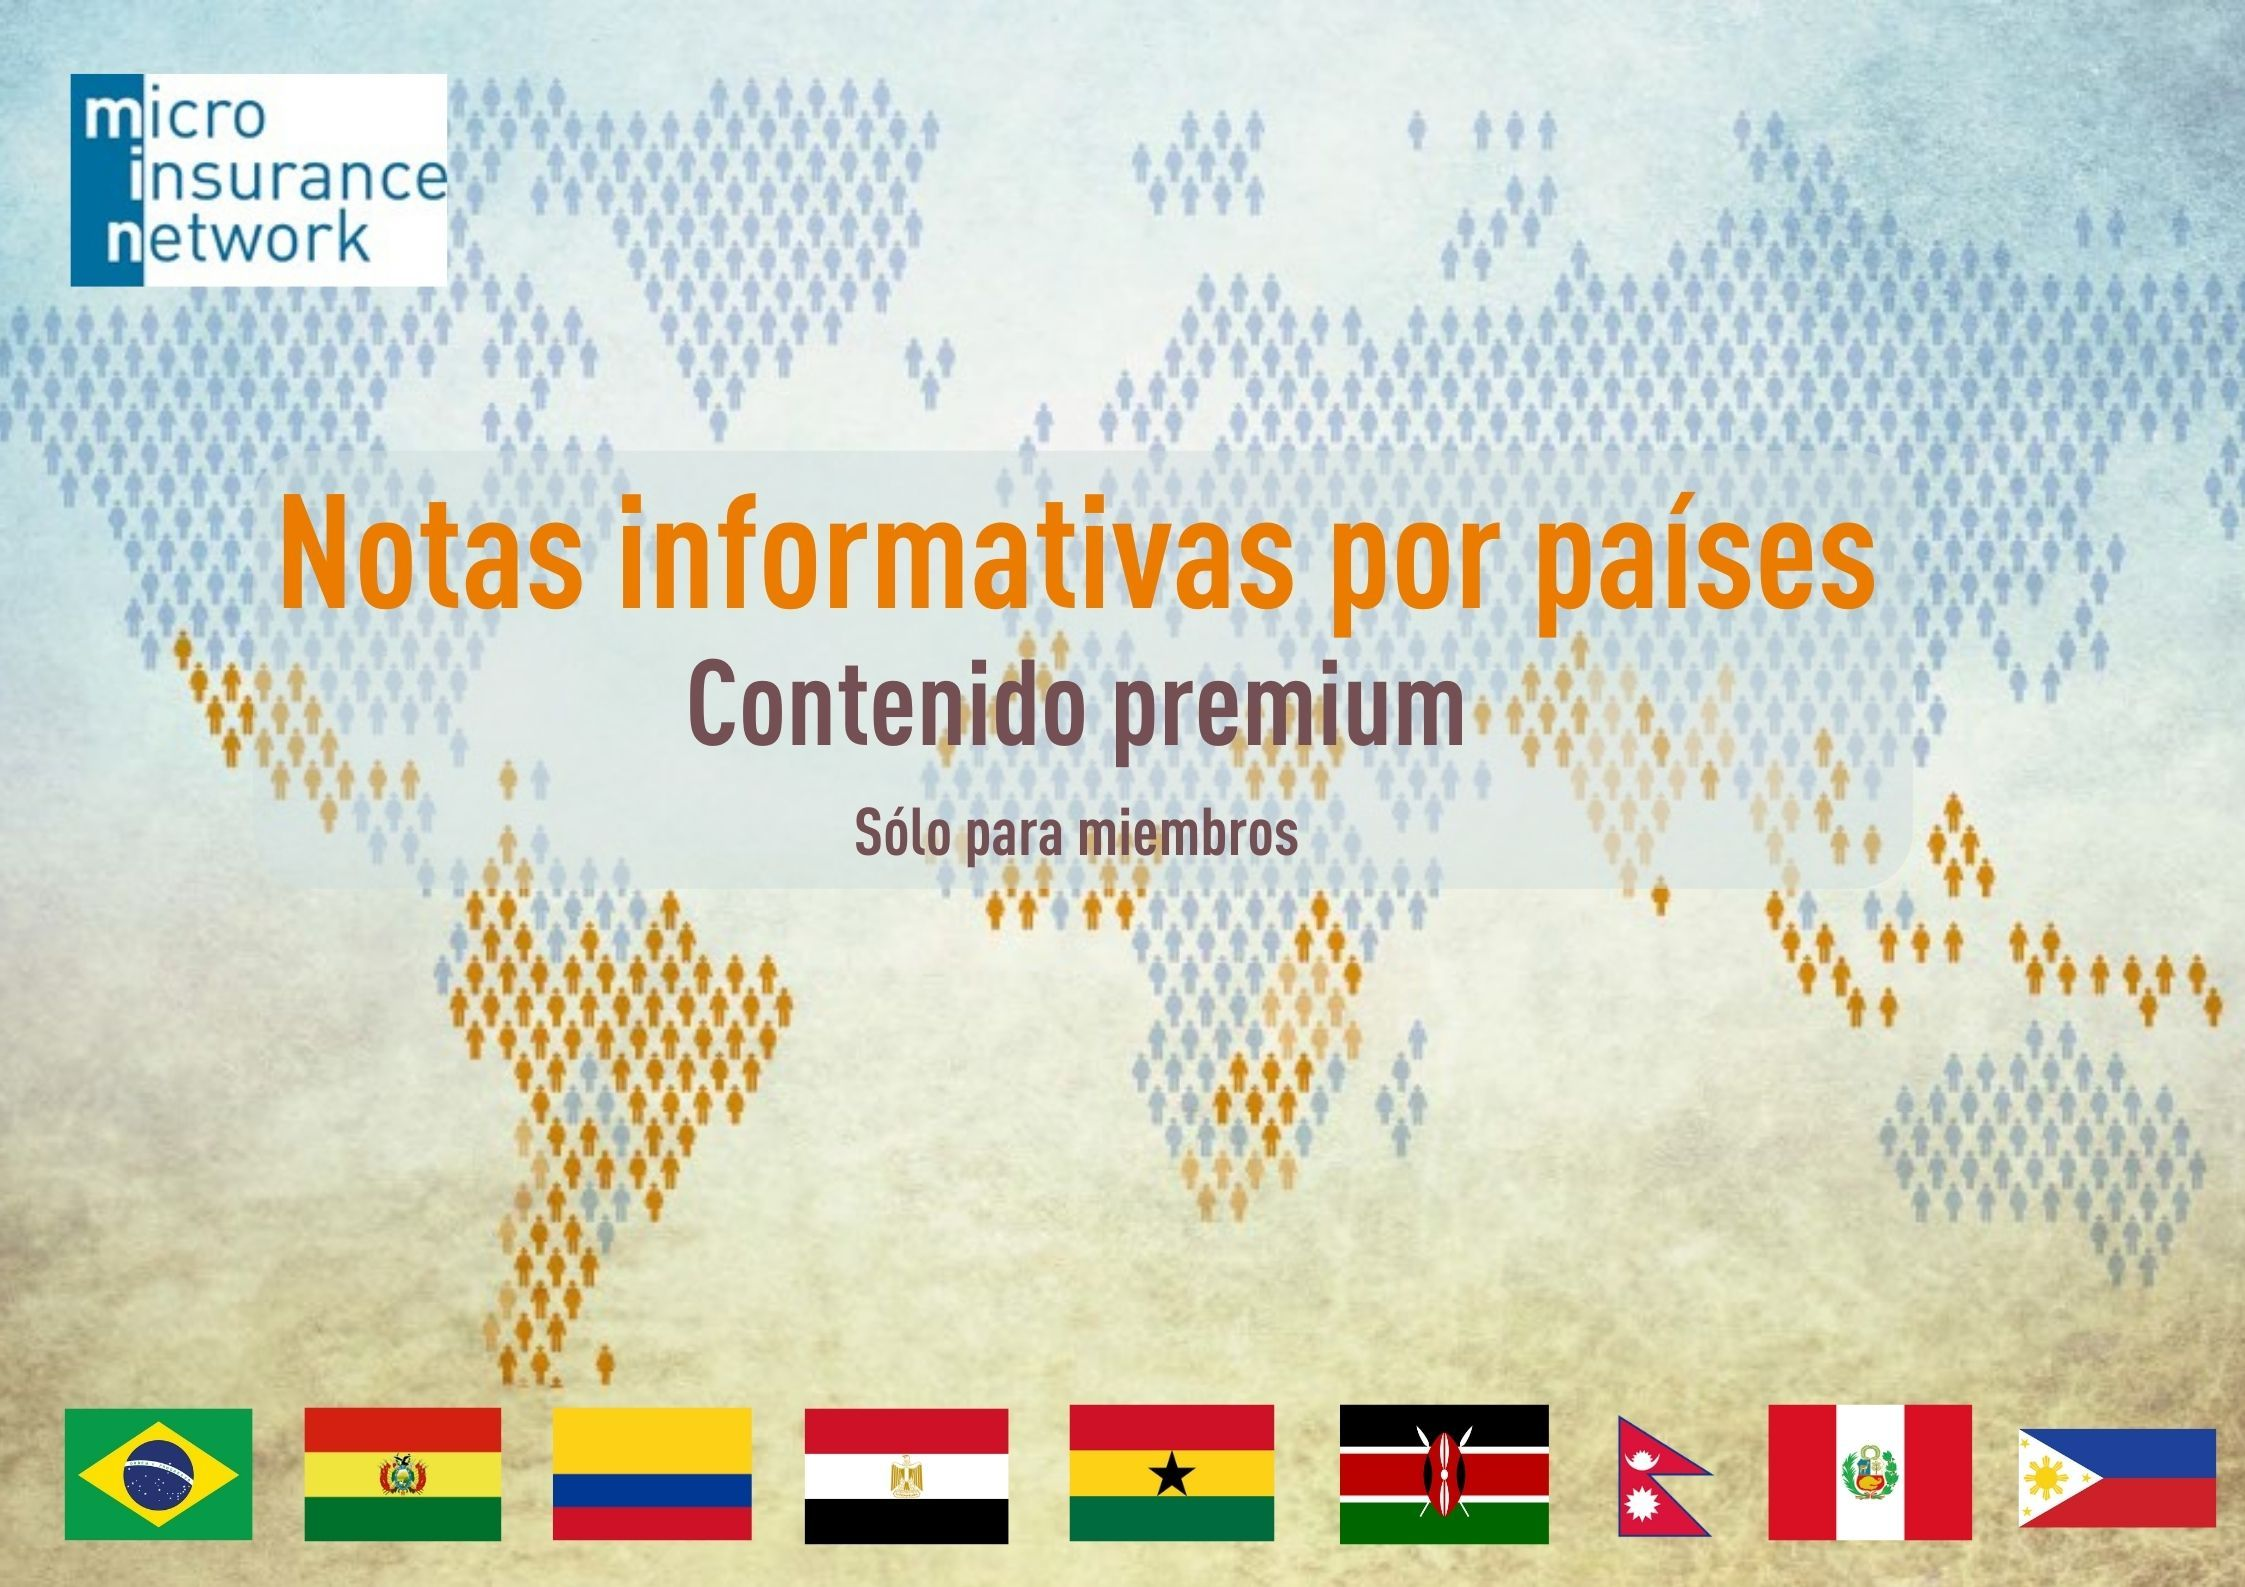 Premium content (6).jpg